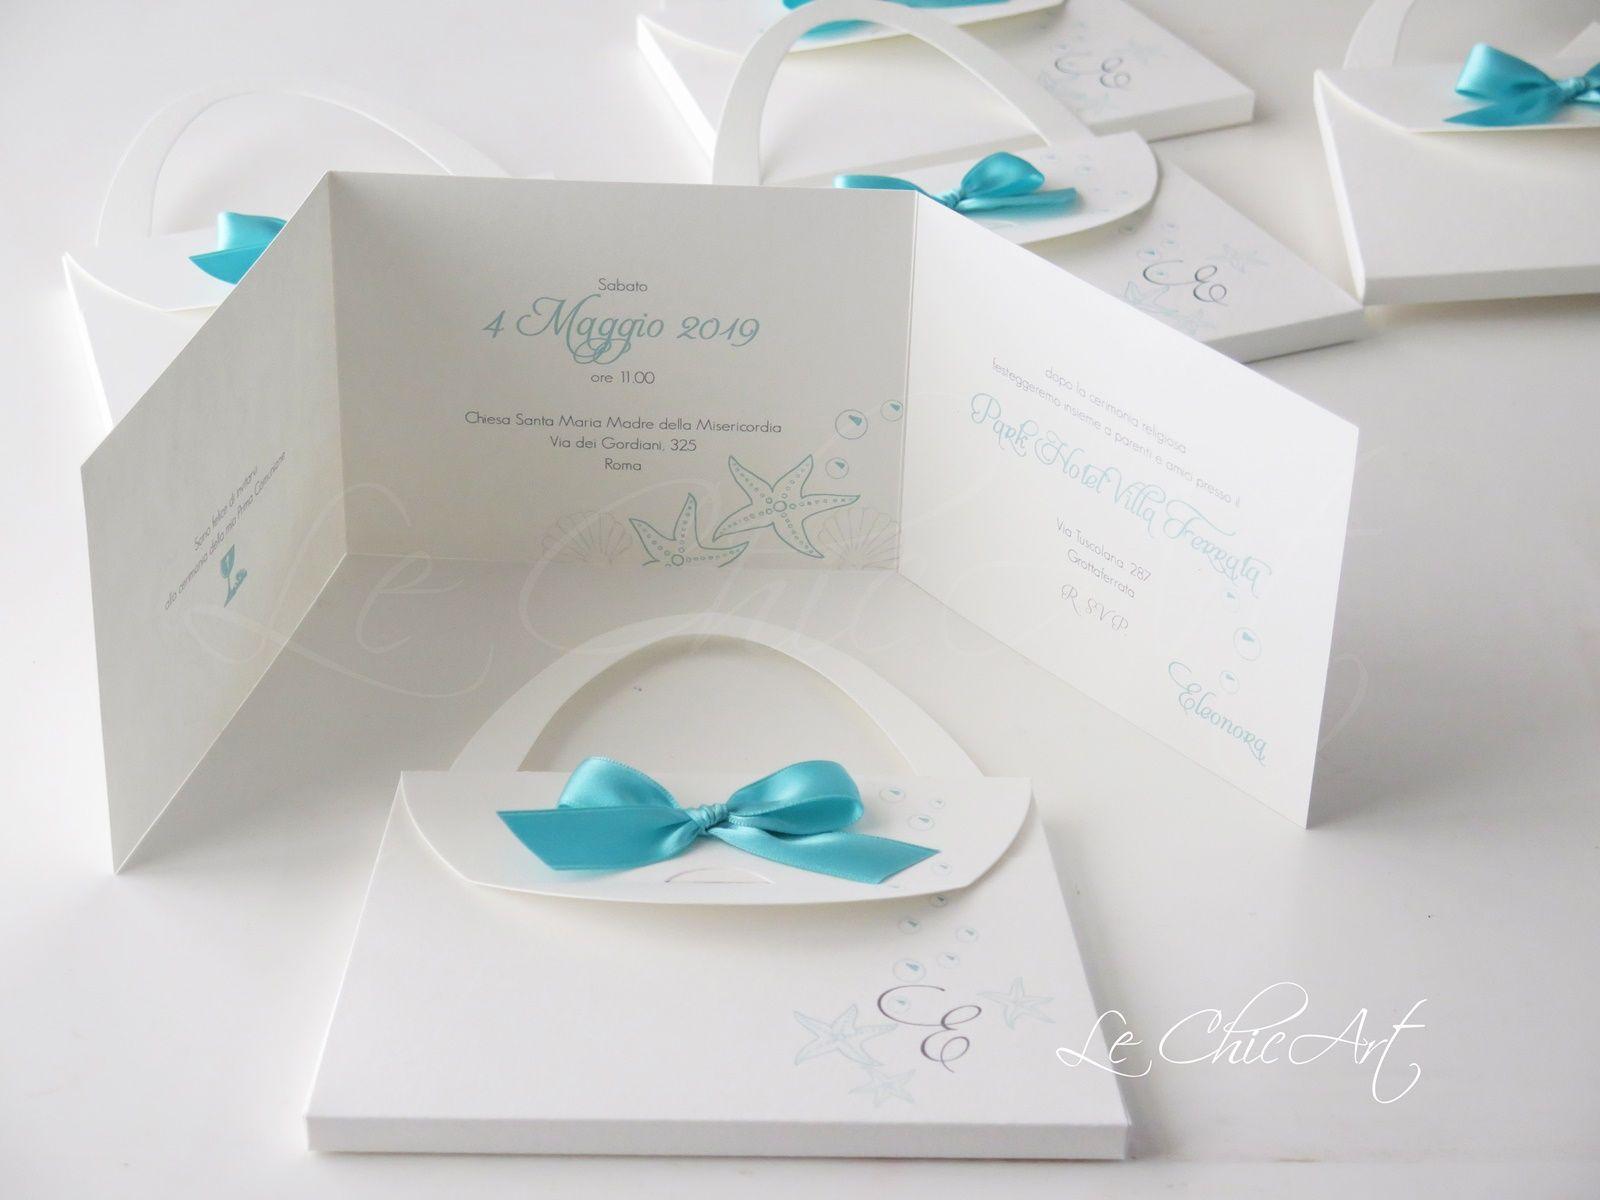 Invito Comunione Tema Mare Tiffany Modello Borsetta Nozze Partecipazioni Nozze Bomboniera